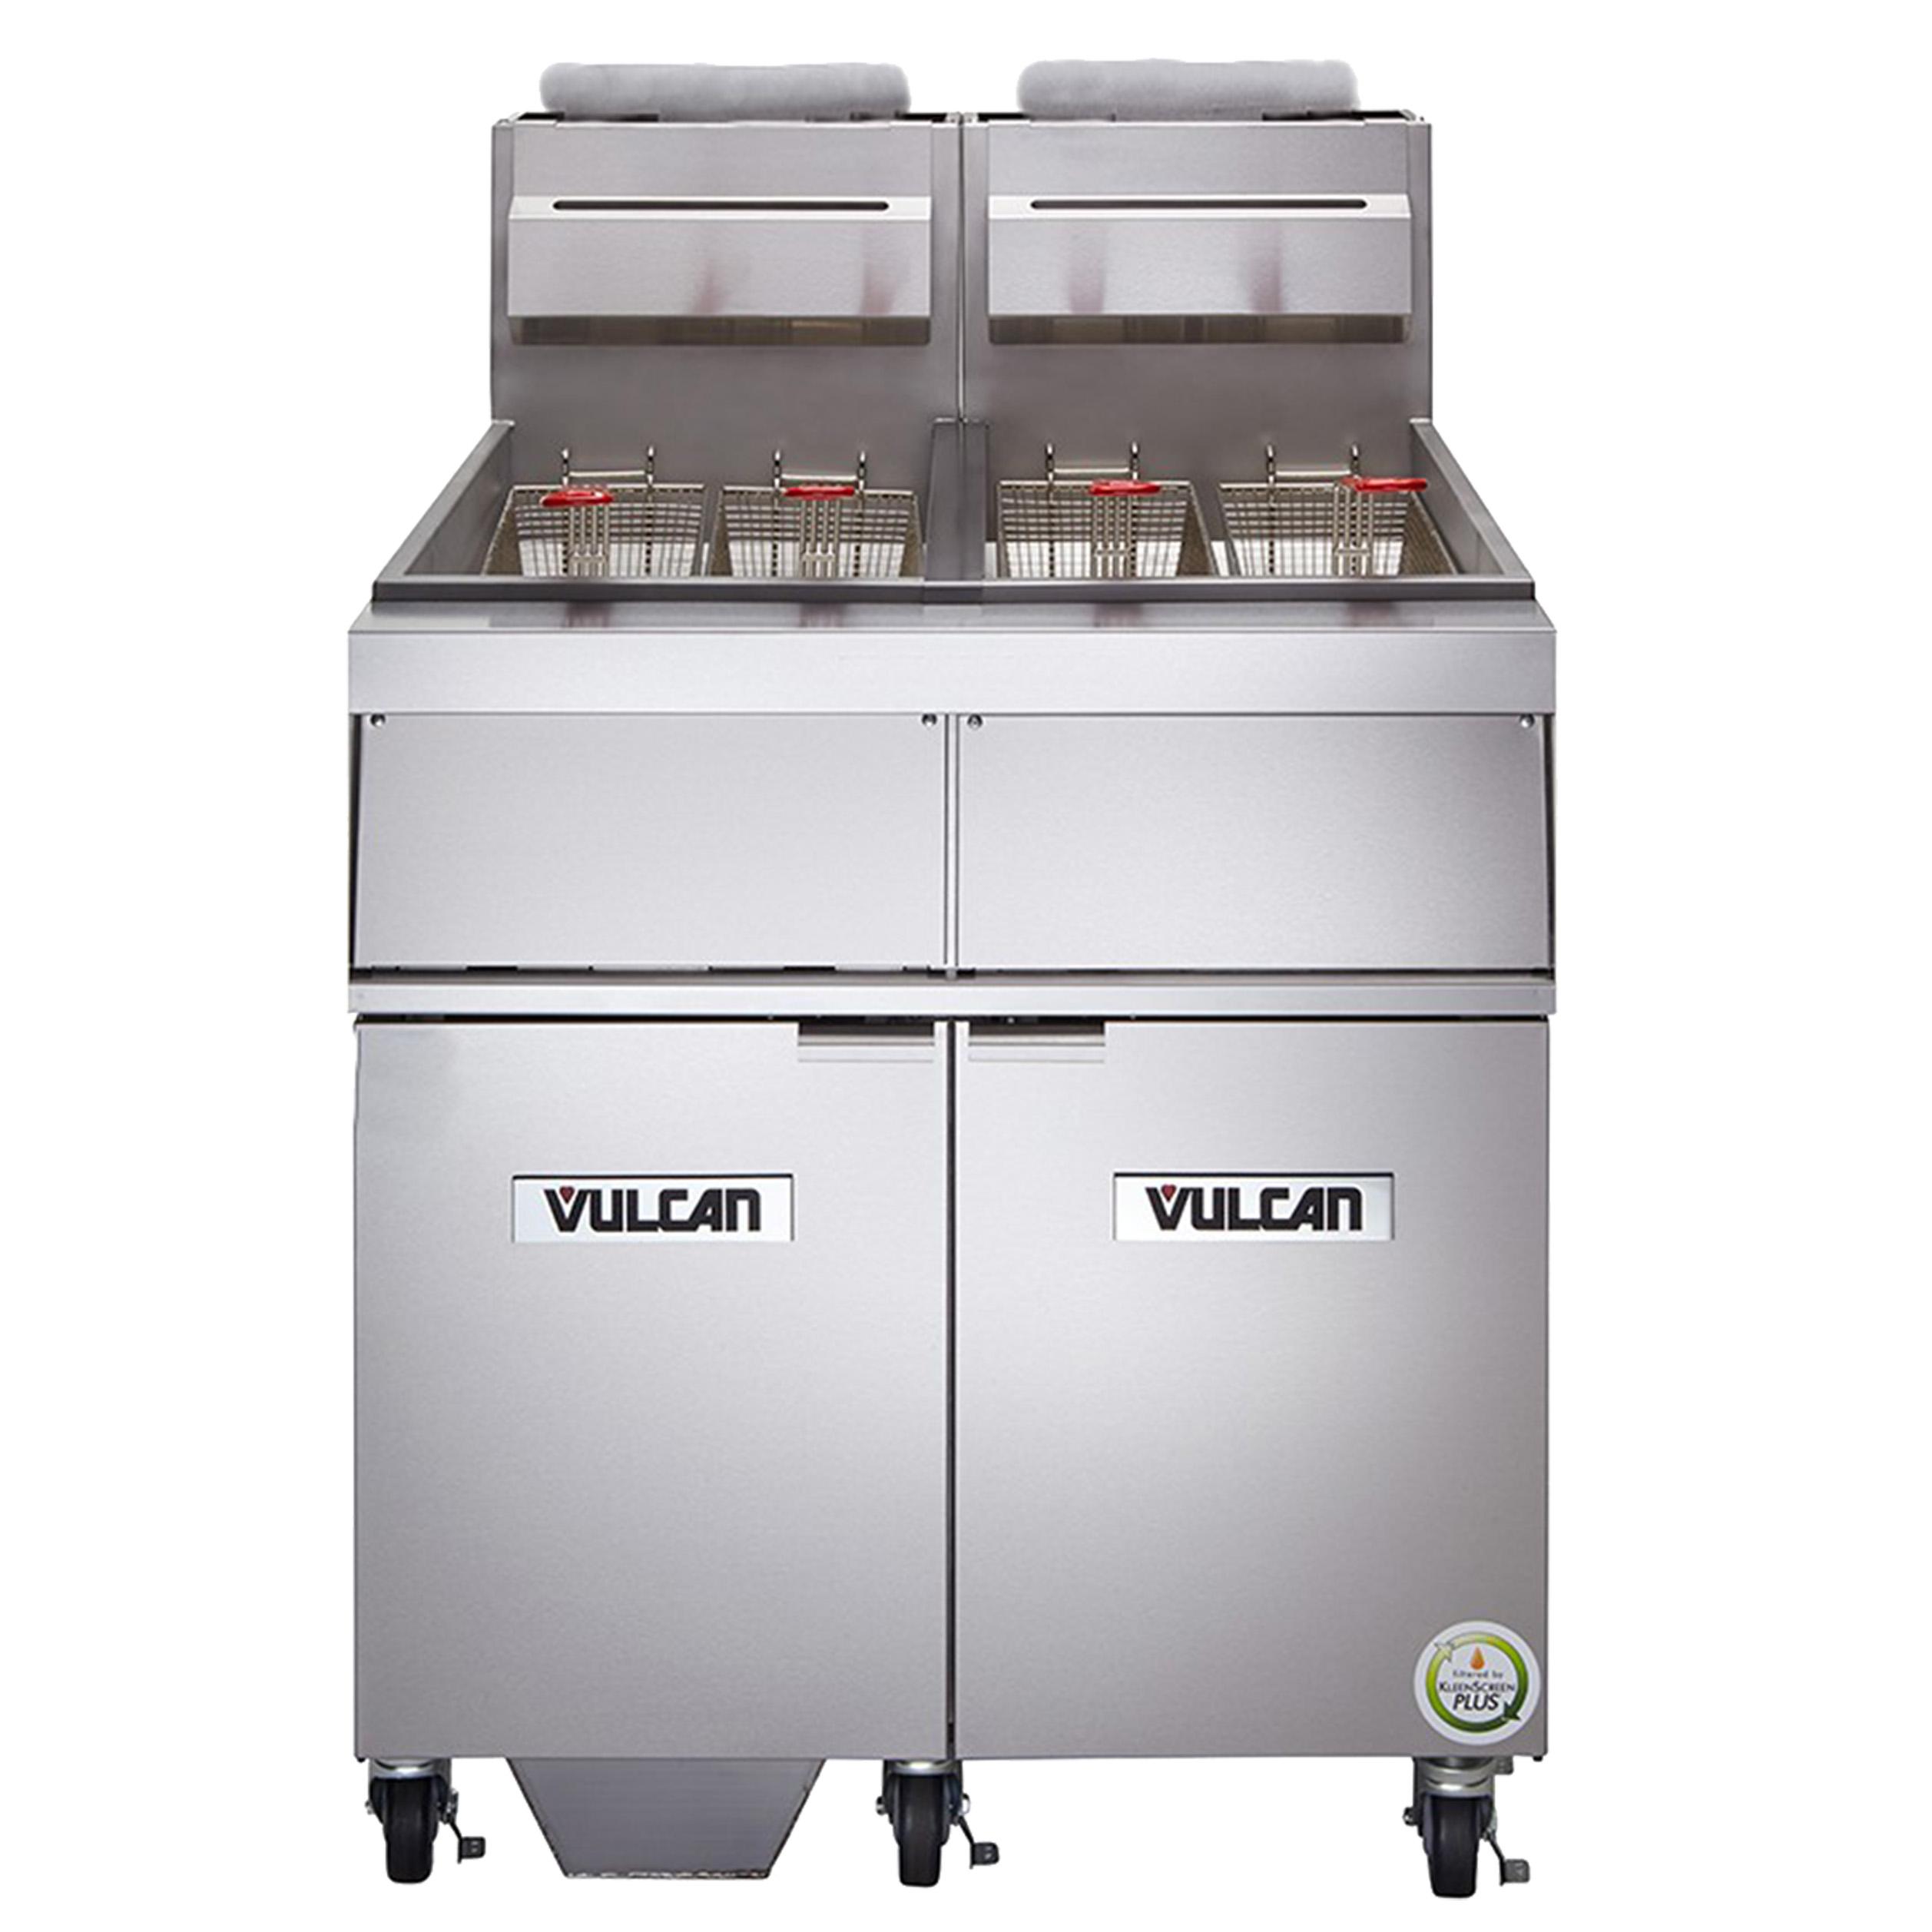 Vulcan 2GR65MF fryer, gas, multiple battery